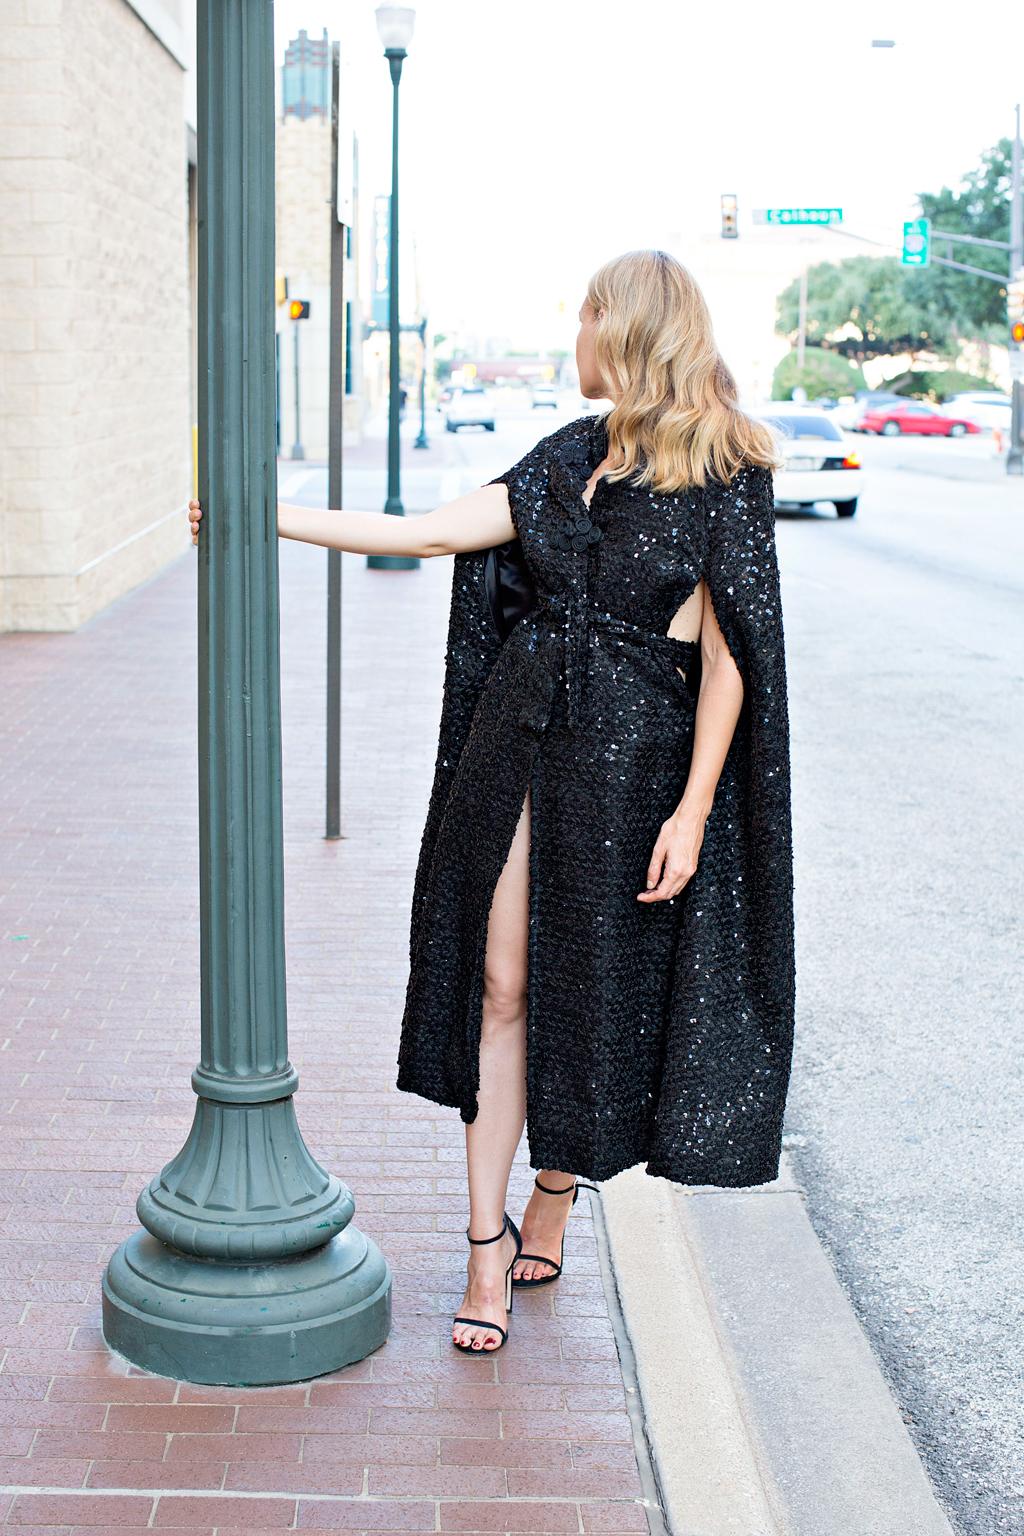 Stuart Weitzman, Saks, cape, vintage, high fashion, blogger, Ft Worth, TX, CA, InvestmentPiece